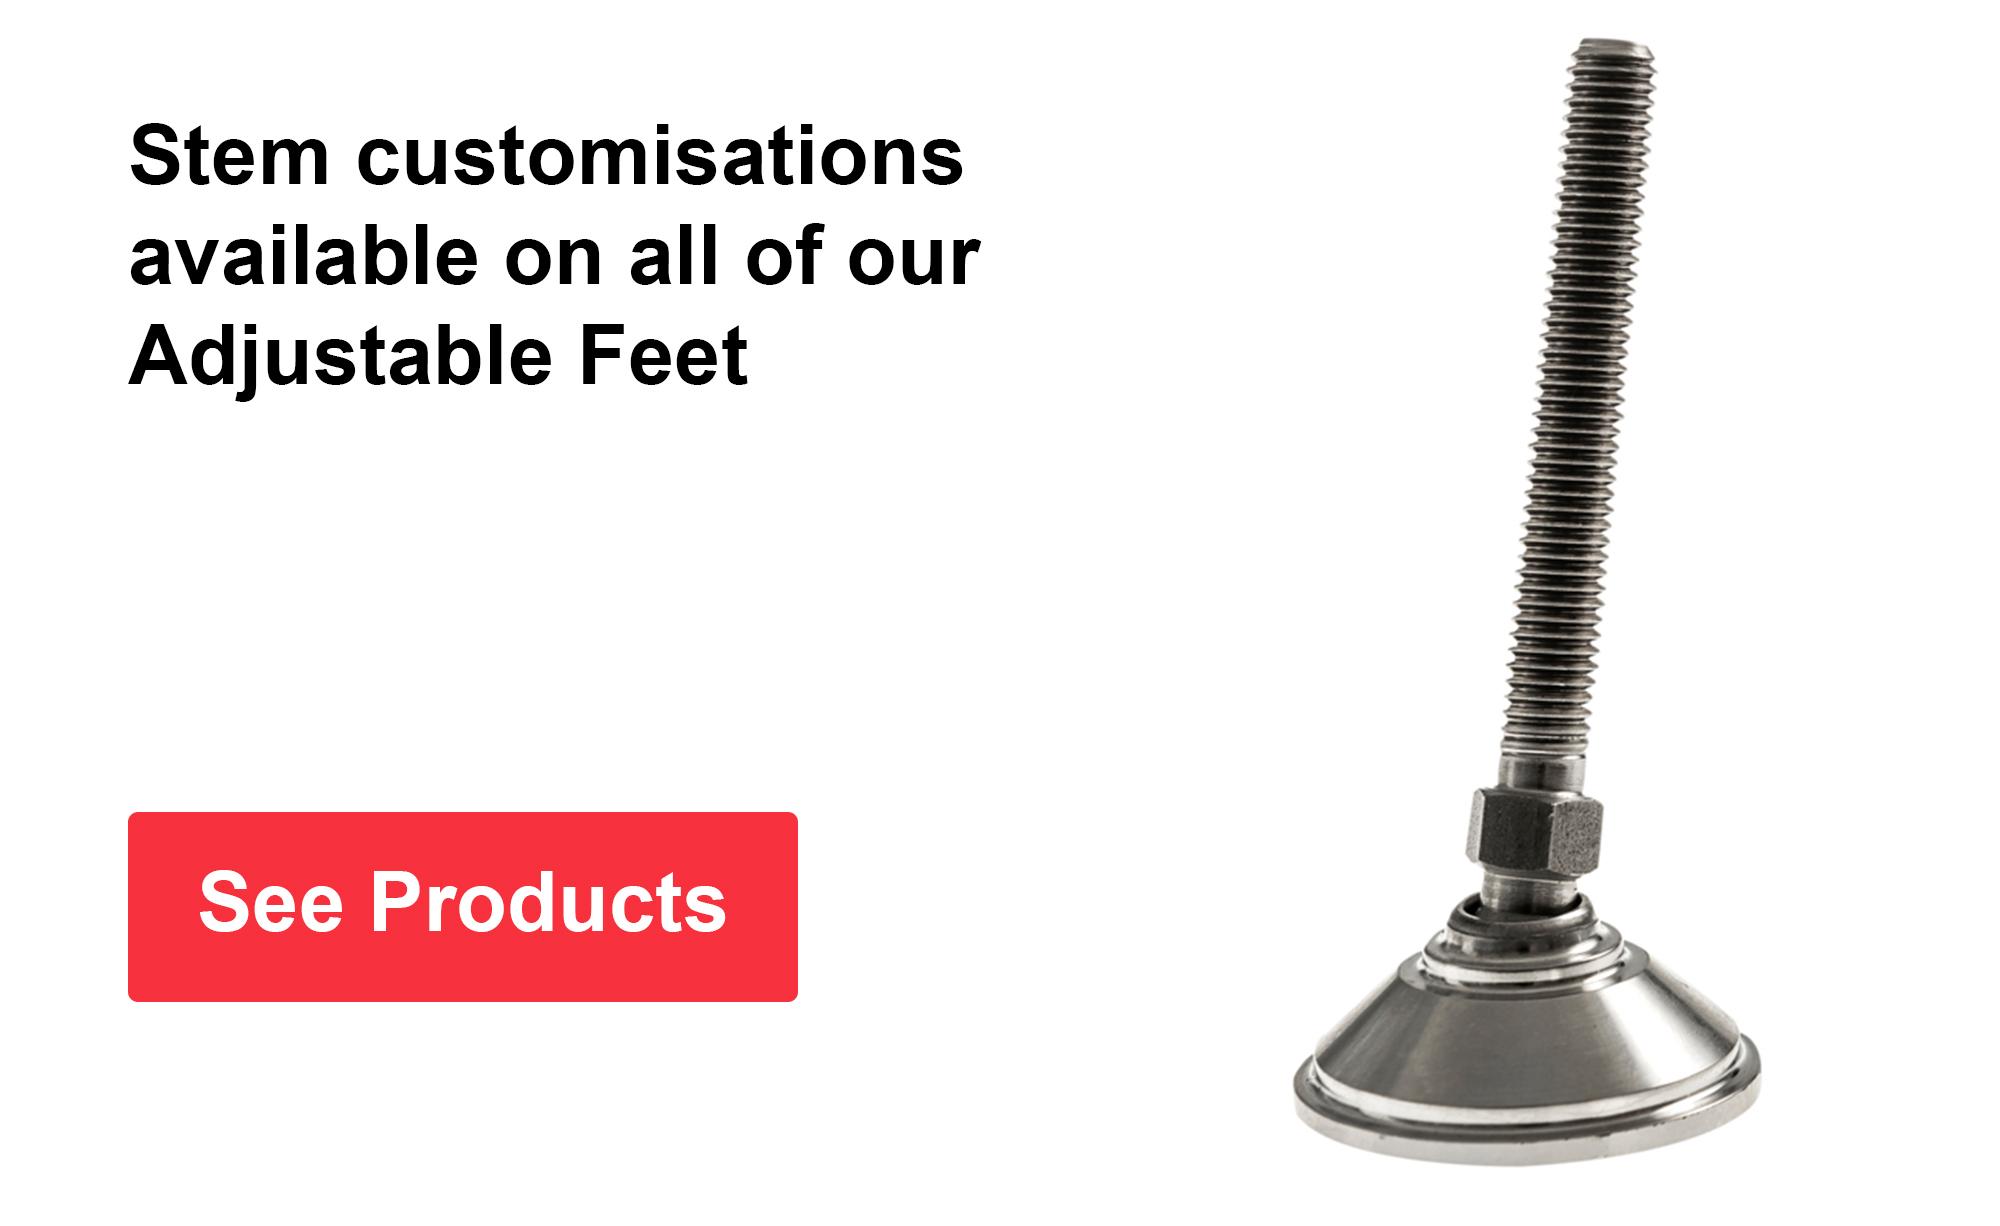 Adjustable Feet Link